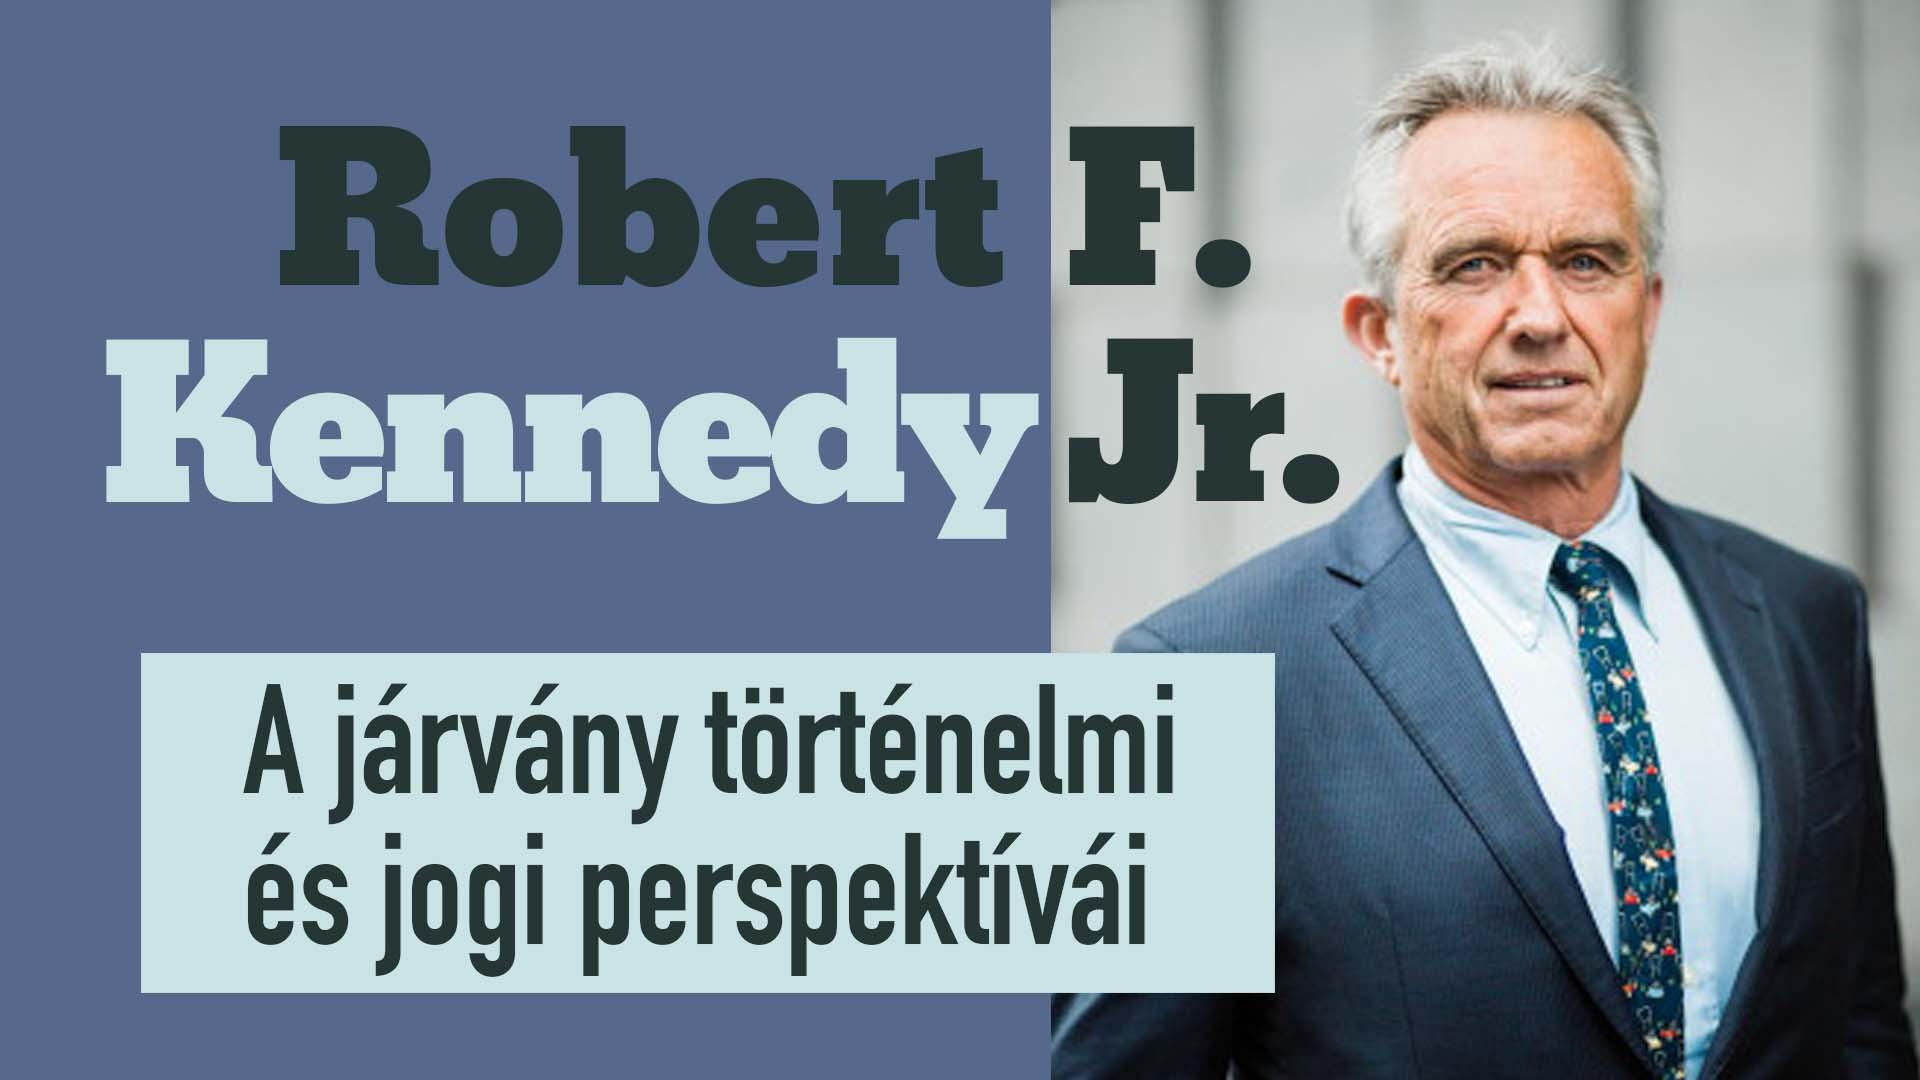 Robert F. Kennedy Jr. (USA) – A járvány történelmi és jogi perspektívái